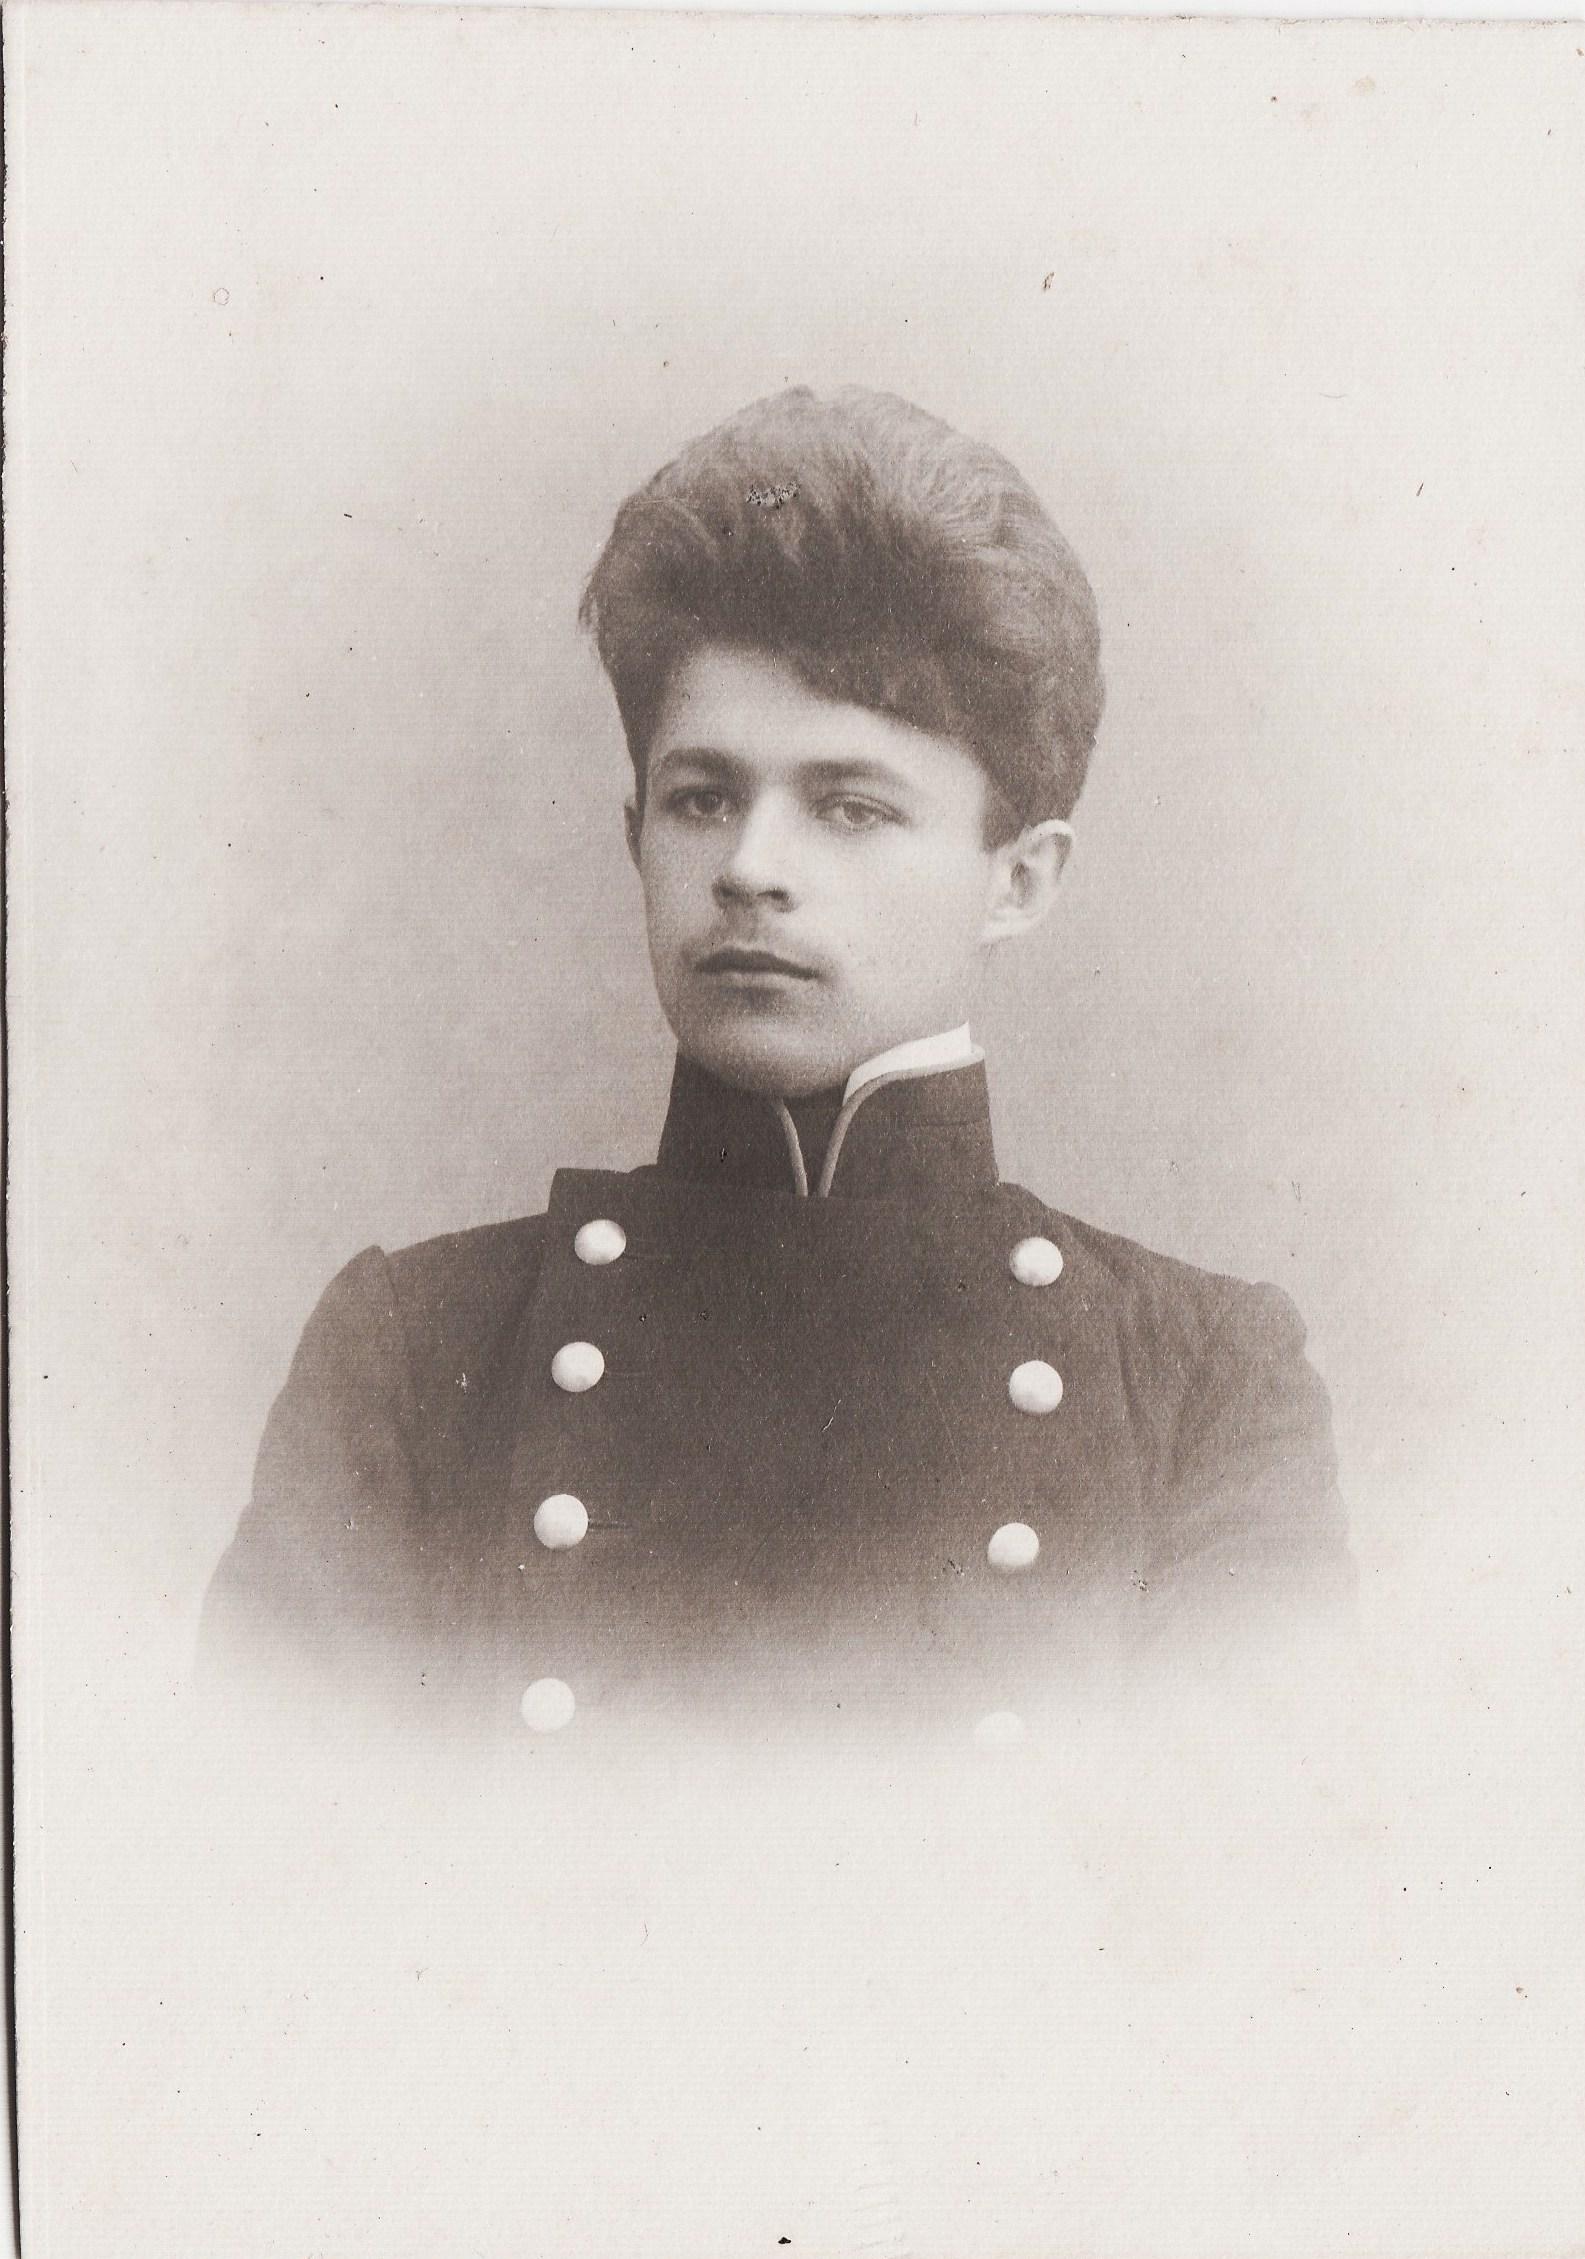 Студент Бершев Николай. I отделение разряд 1